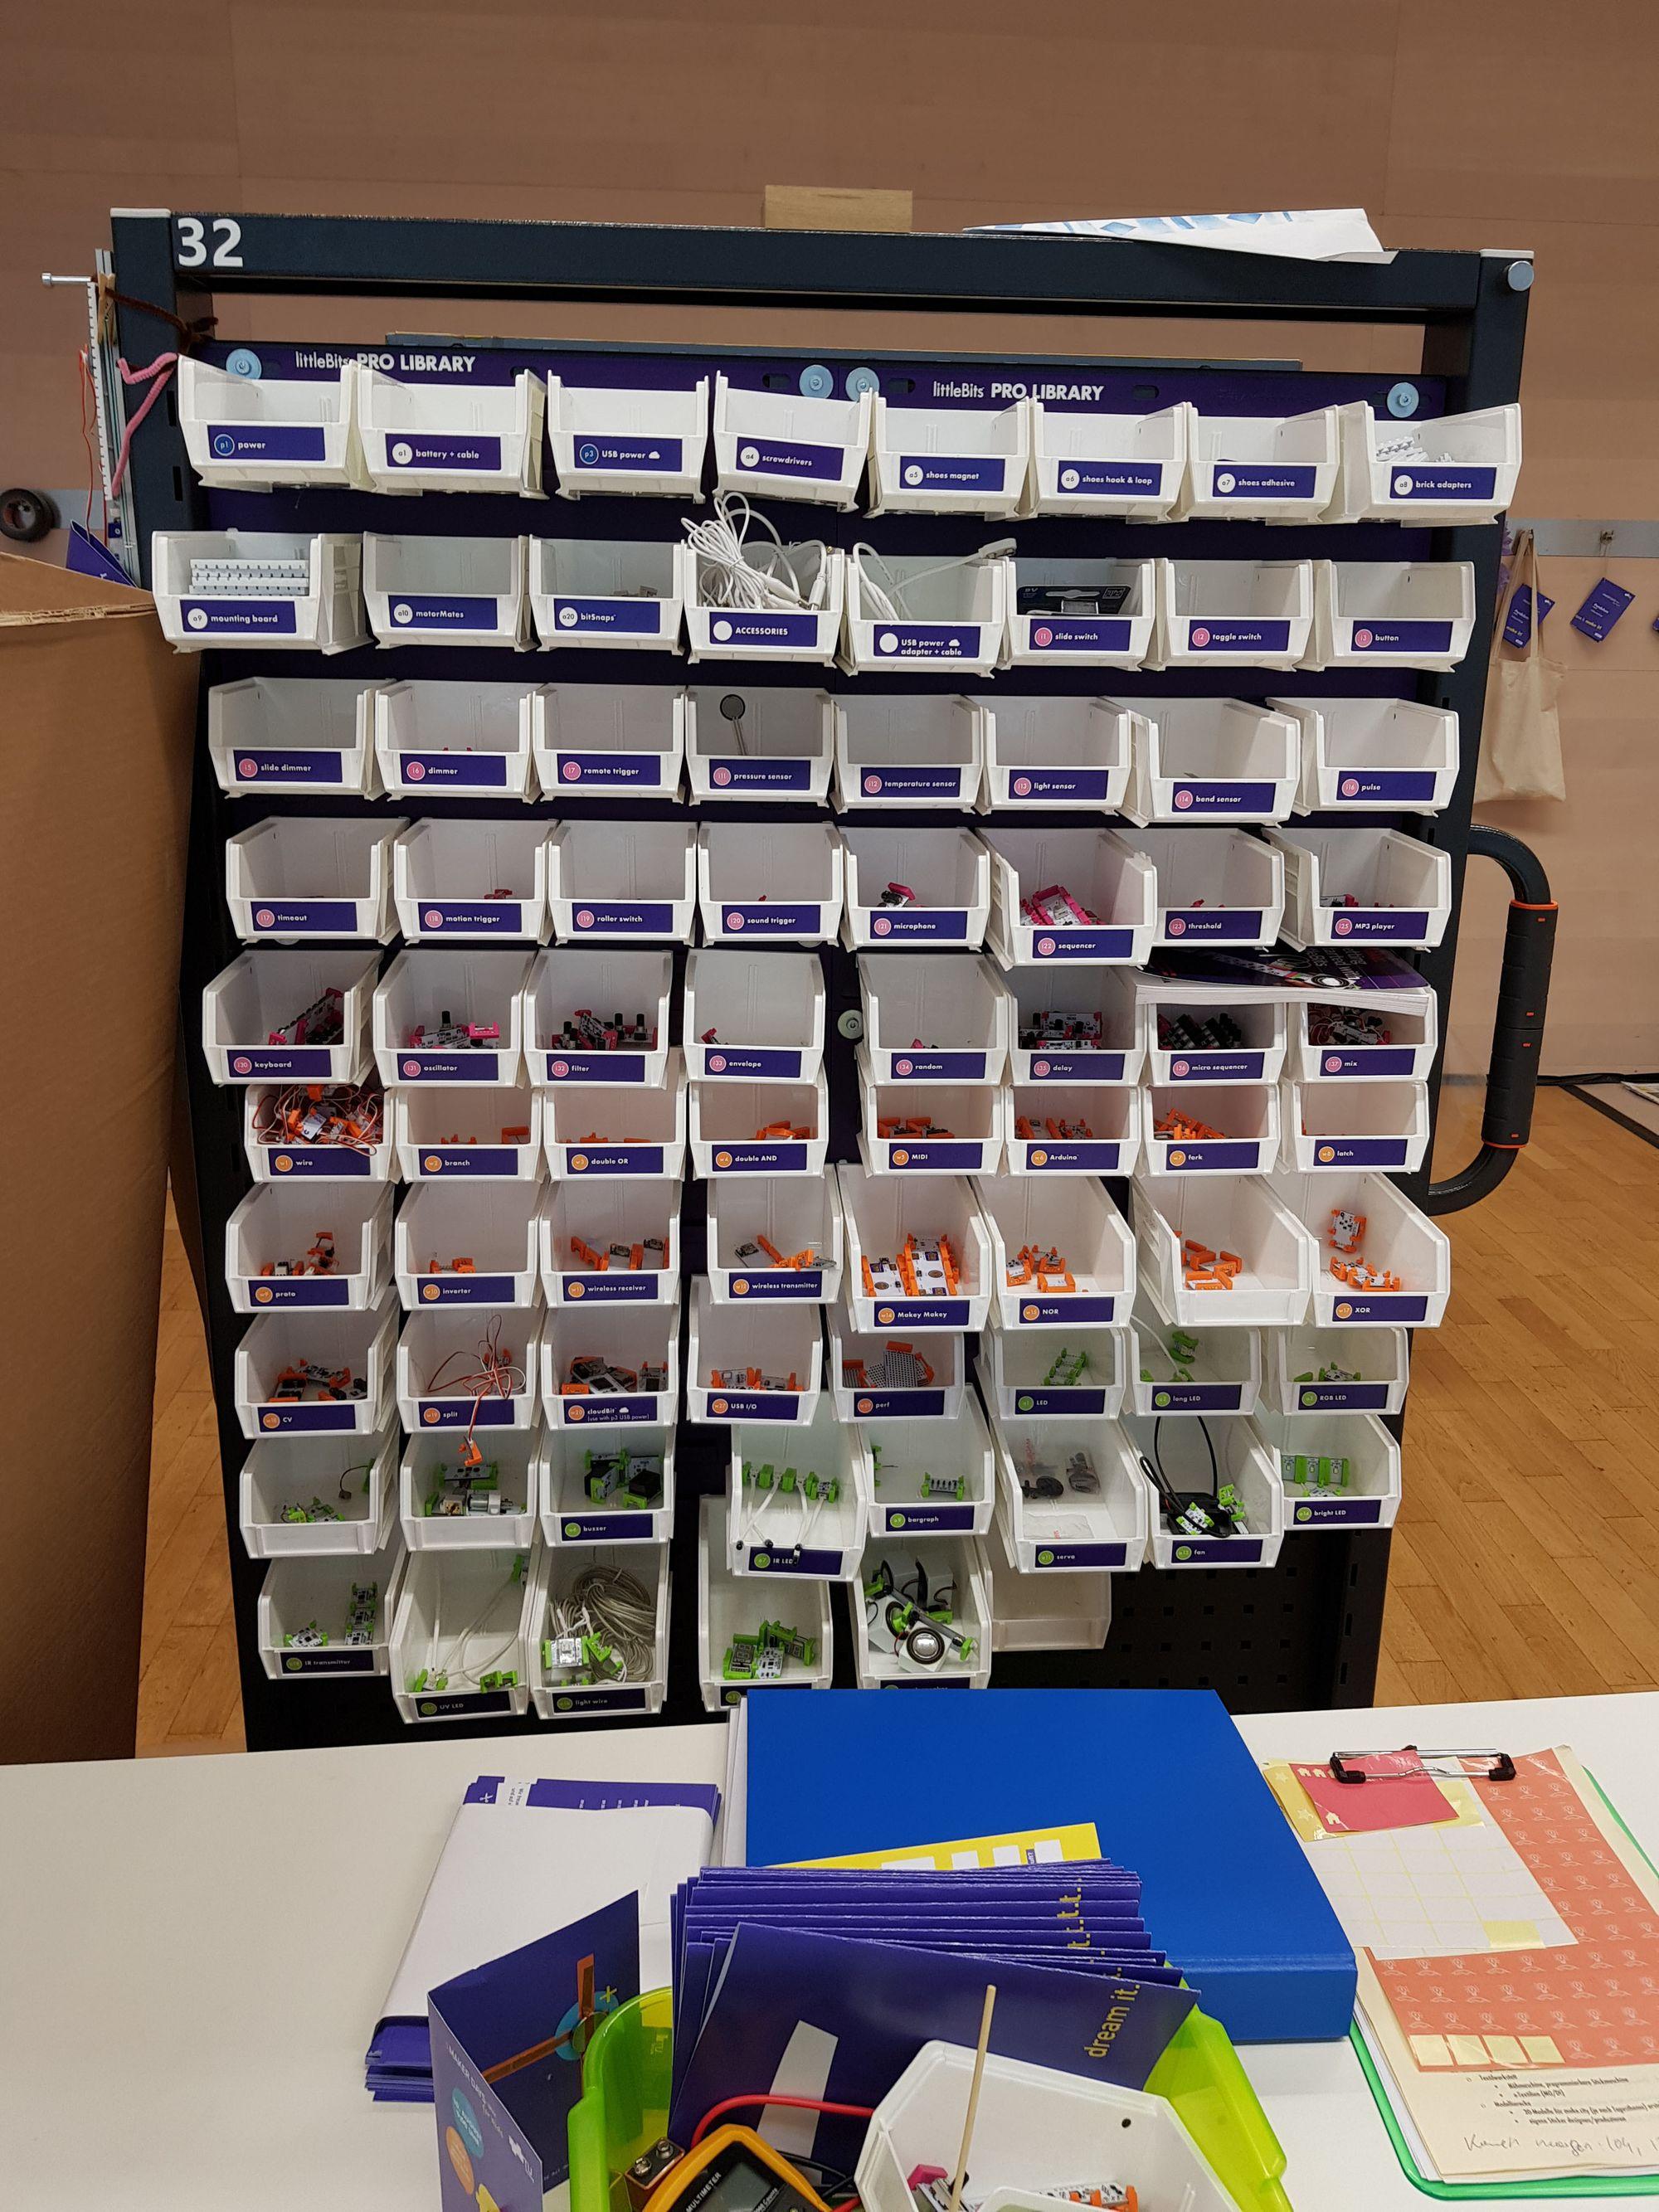 Fahrbare littleBits Pro Library.